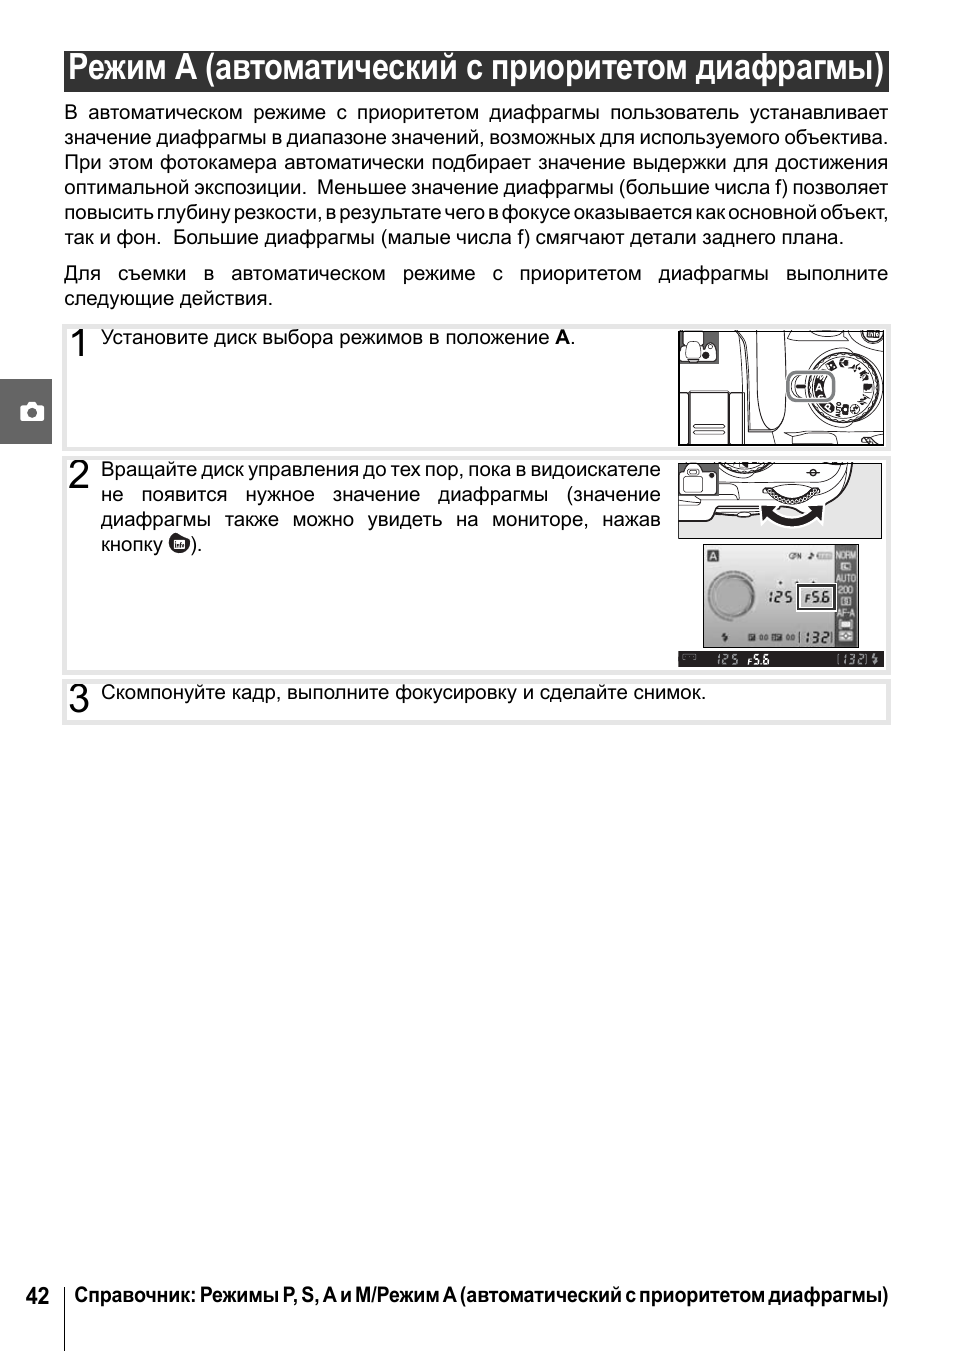 Инструкция по эксплуатации nikon d40